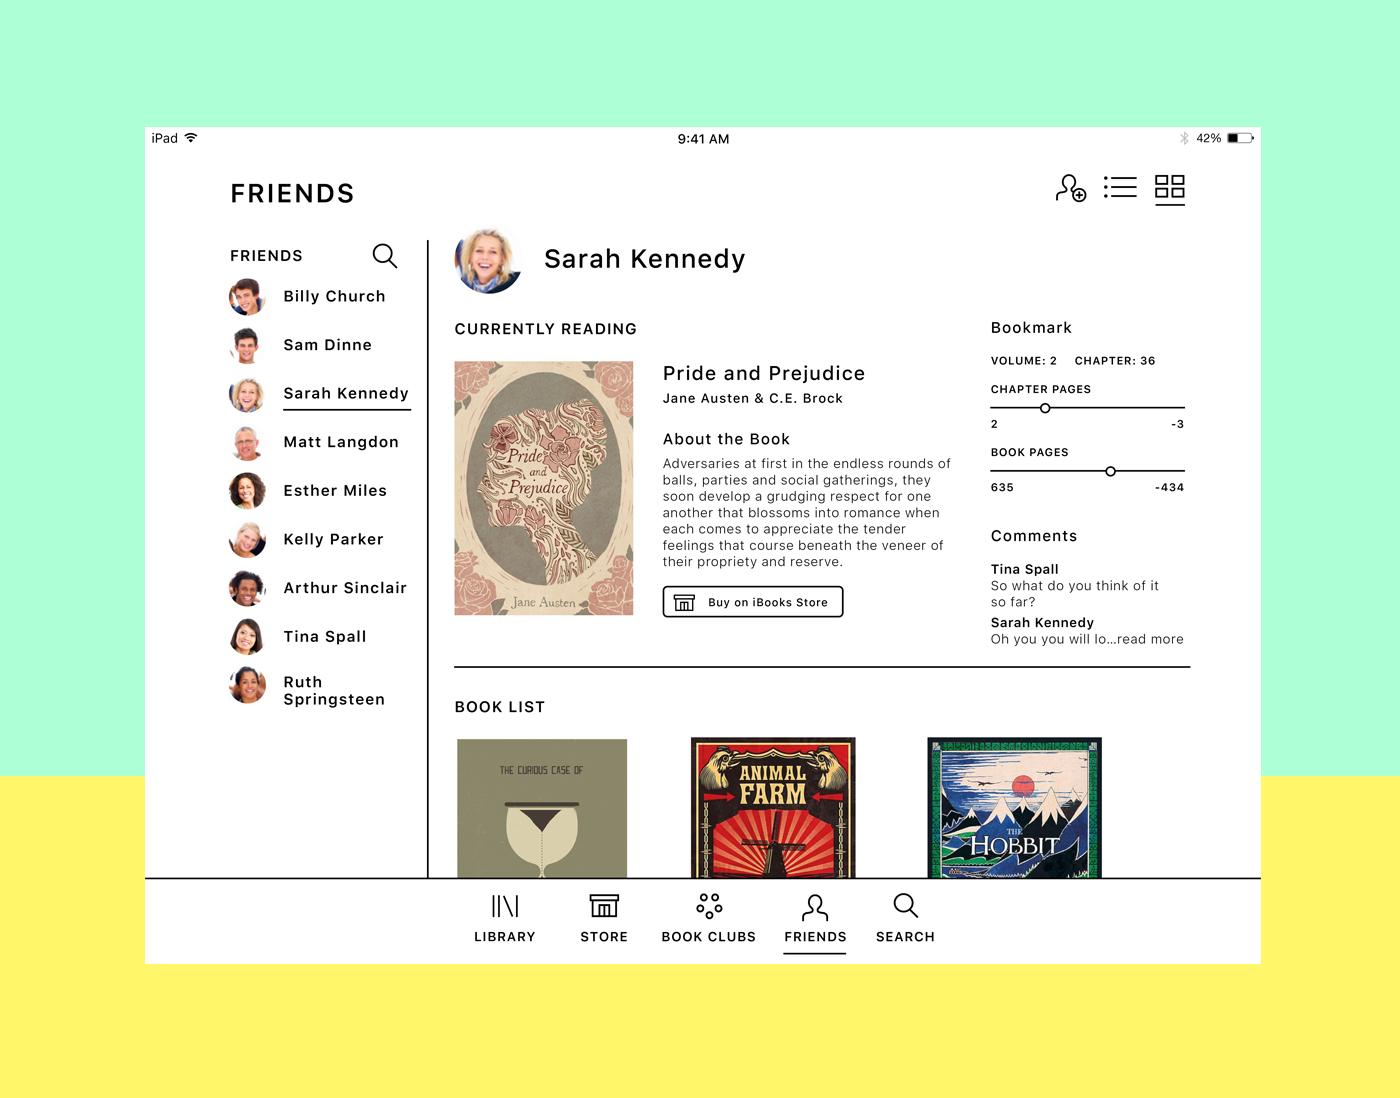 iBooks_iPad_Friends.jpg